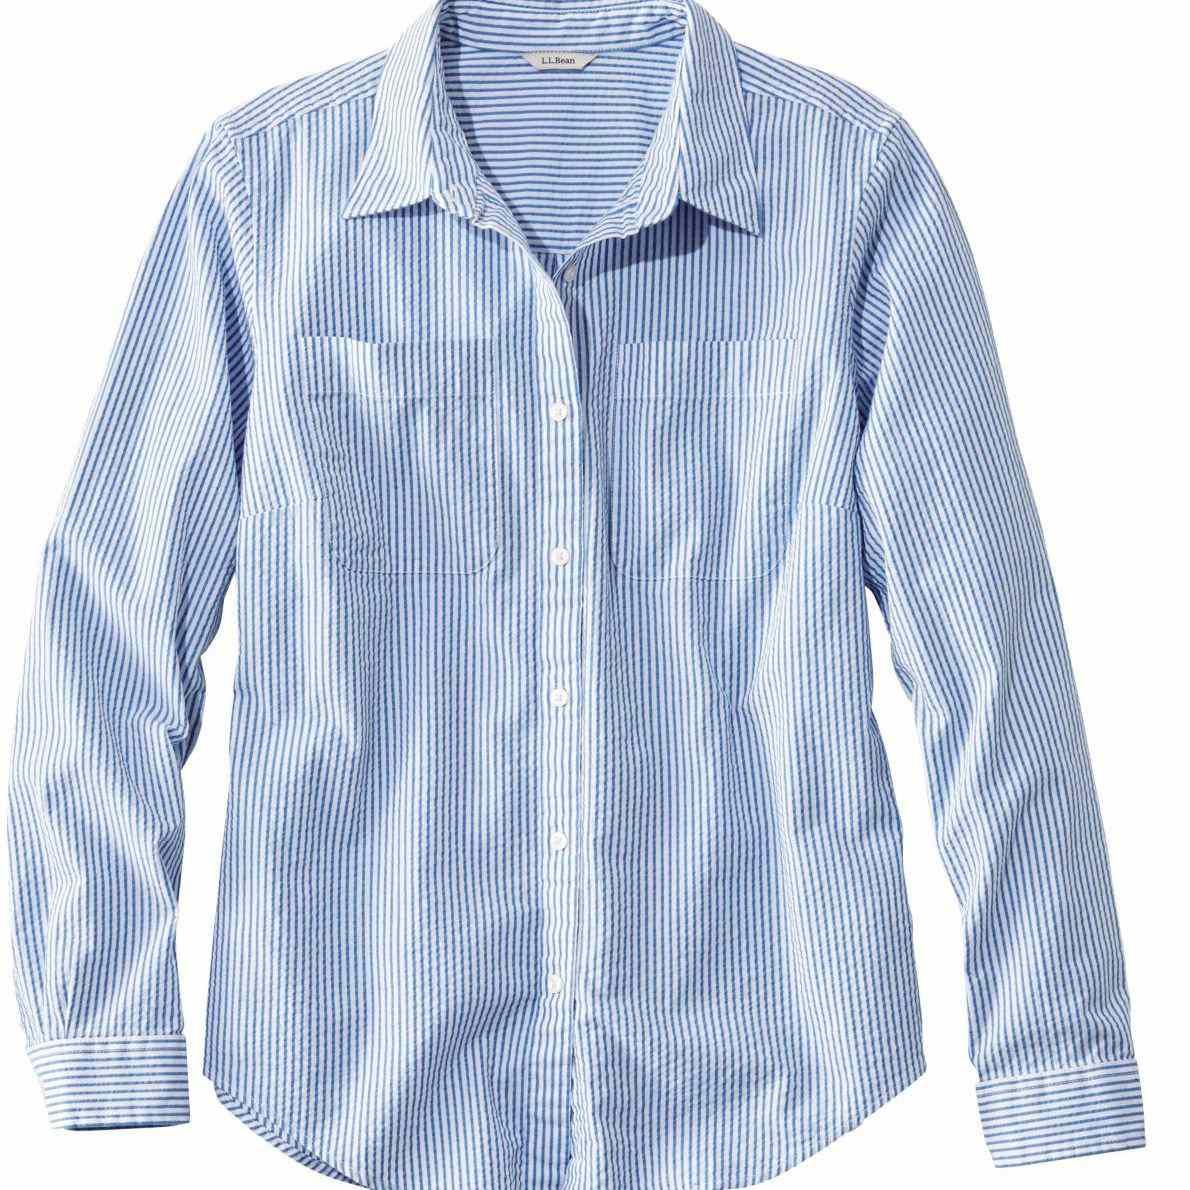 L.L. Bean Vacationland Seersucker Shirt